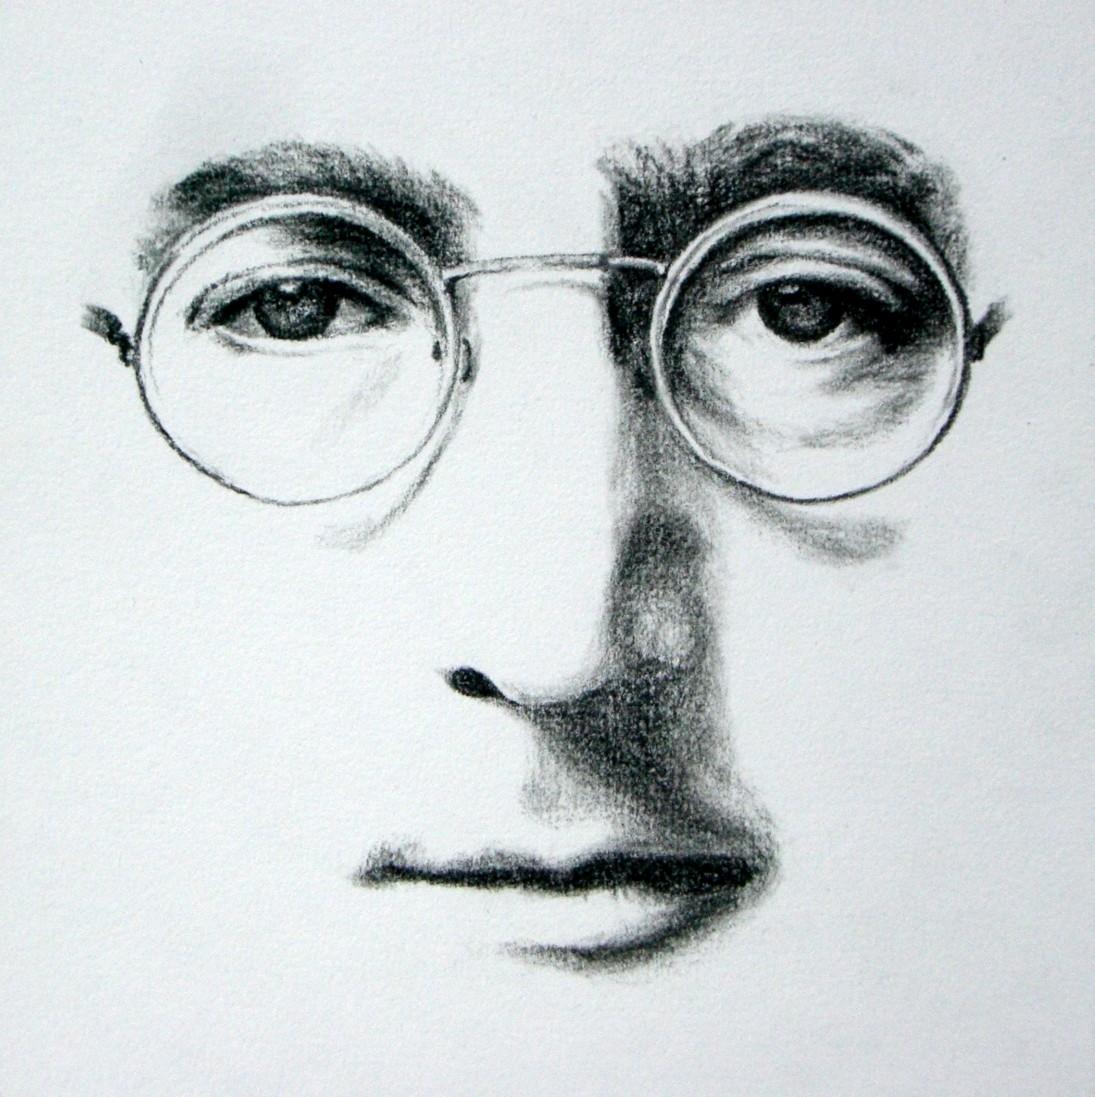 https://i1.wp.com/www.mcrfb.com/wp-content/uploads/2012/12/John-Lennon-in-sketch-by-Julianaa27.jpg